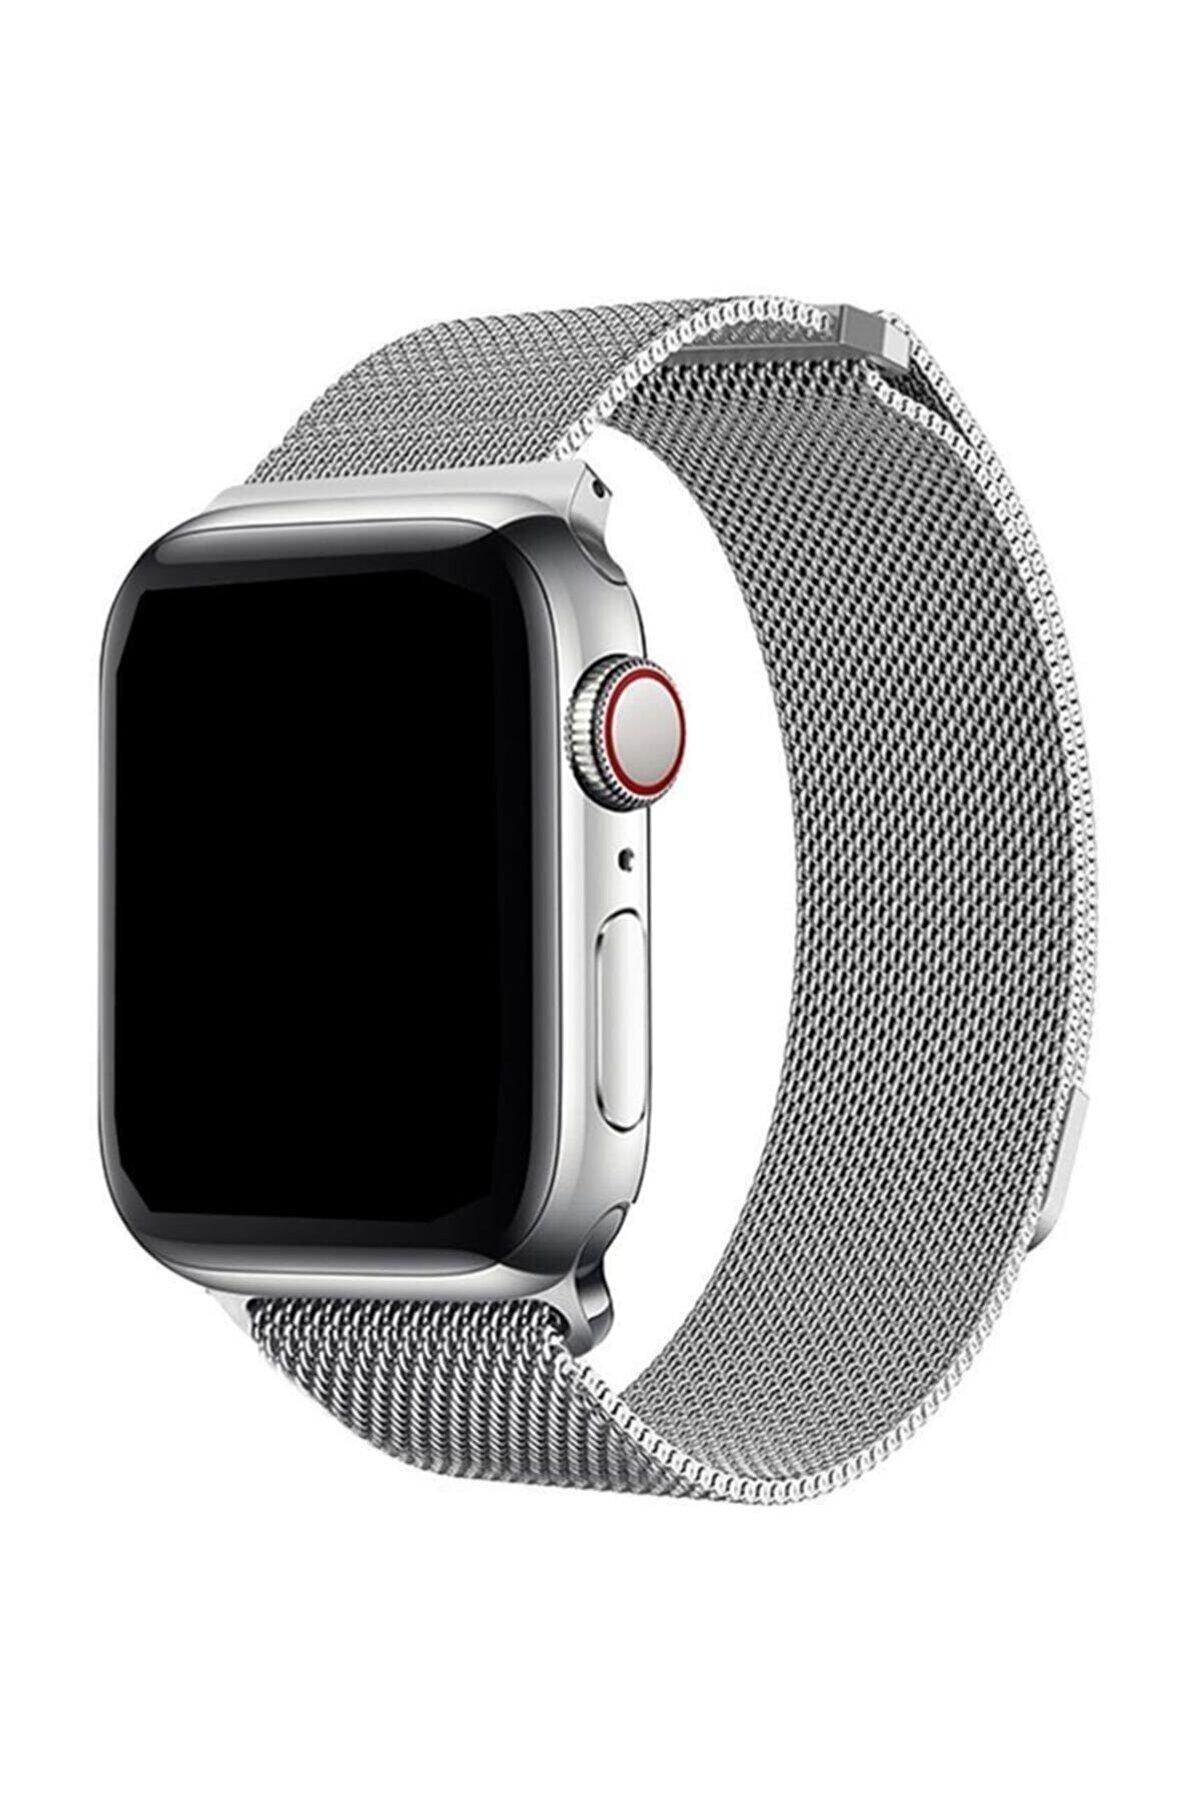 Cimricik Apple Watch 2 3 4 5 42 mm 44 mm Hasır Örgü Metal Milano Kordon Kayış